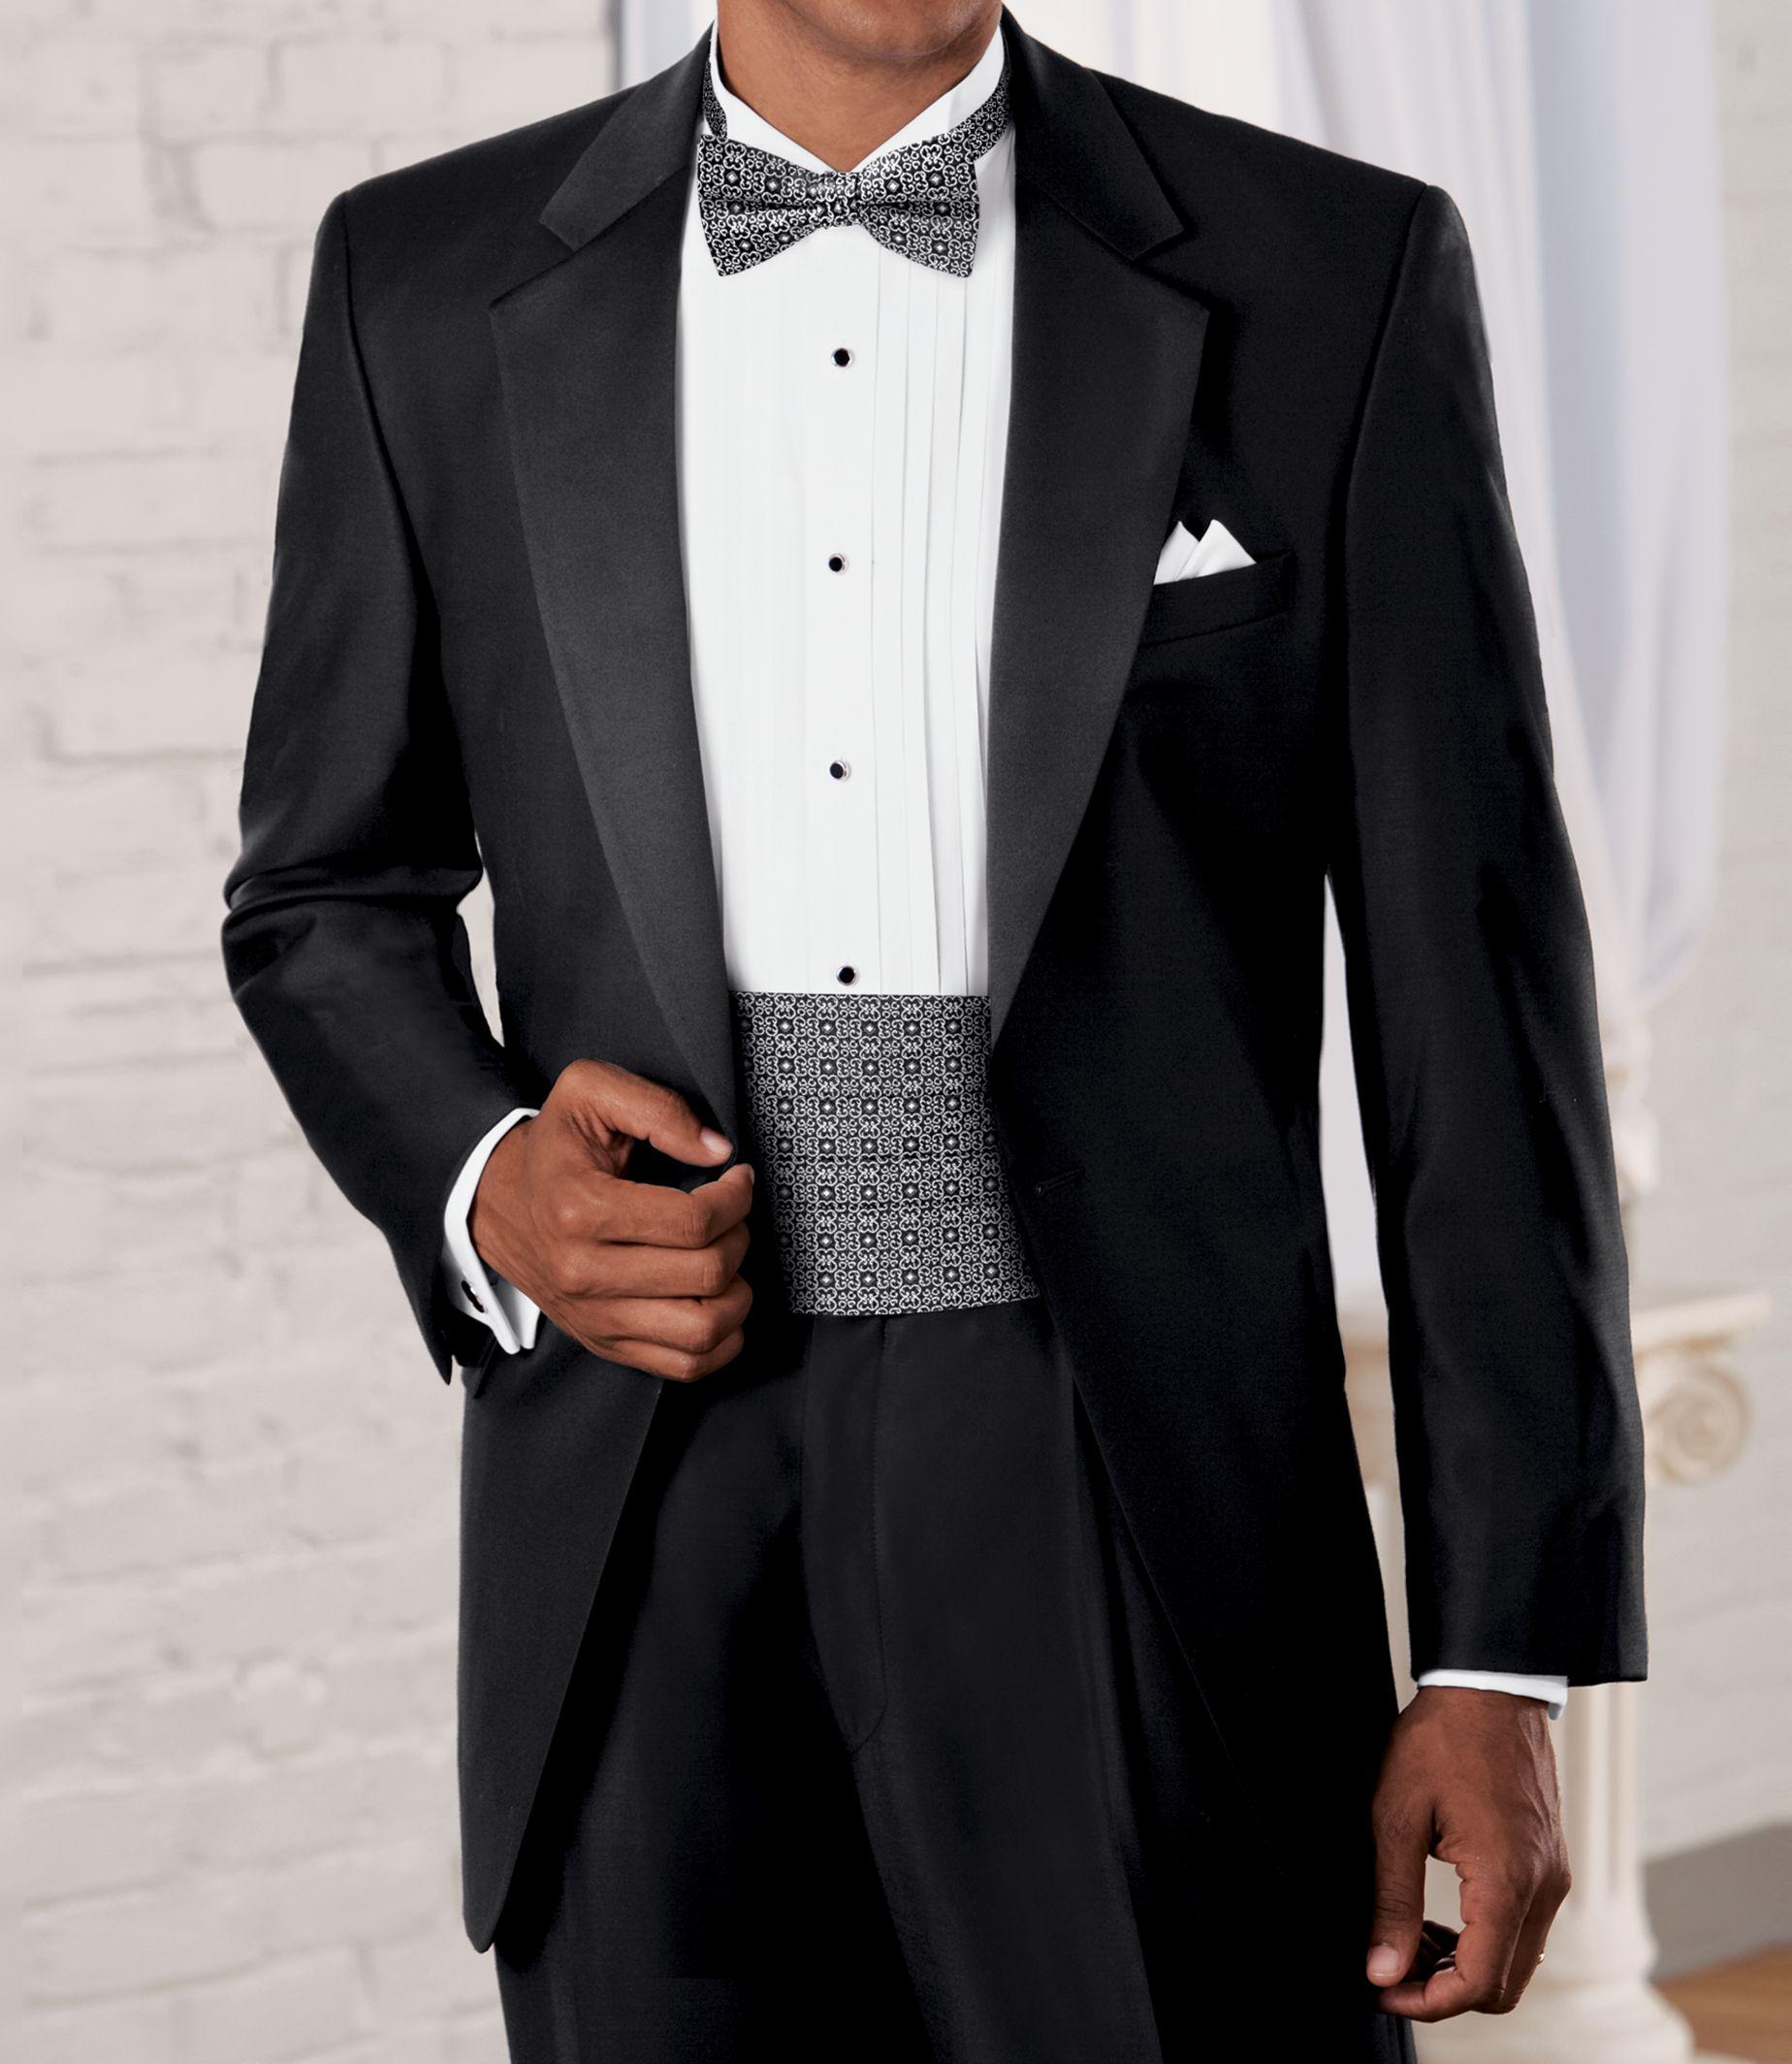 Tuxedos & Formalwear | Shop Men's Formal Suit Attire | JoS. A. Bank